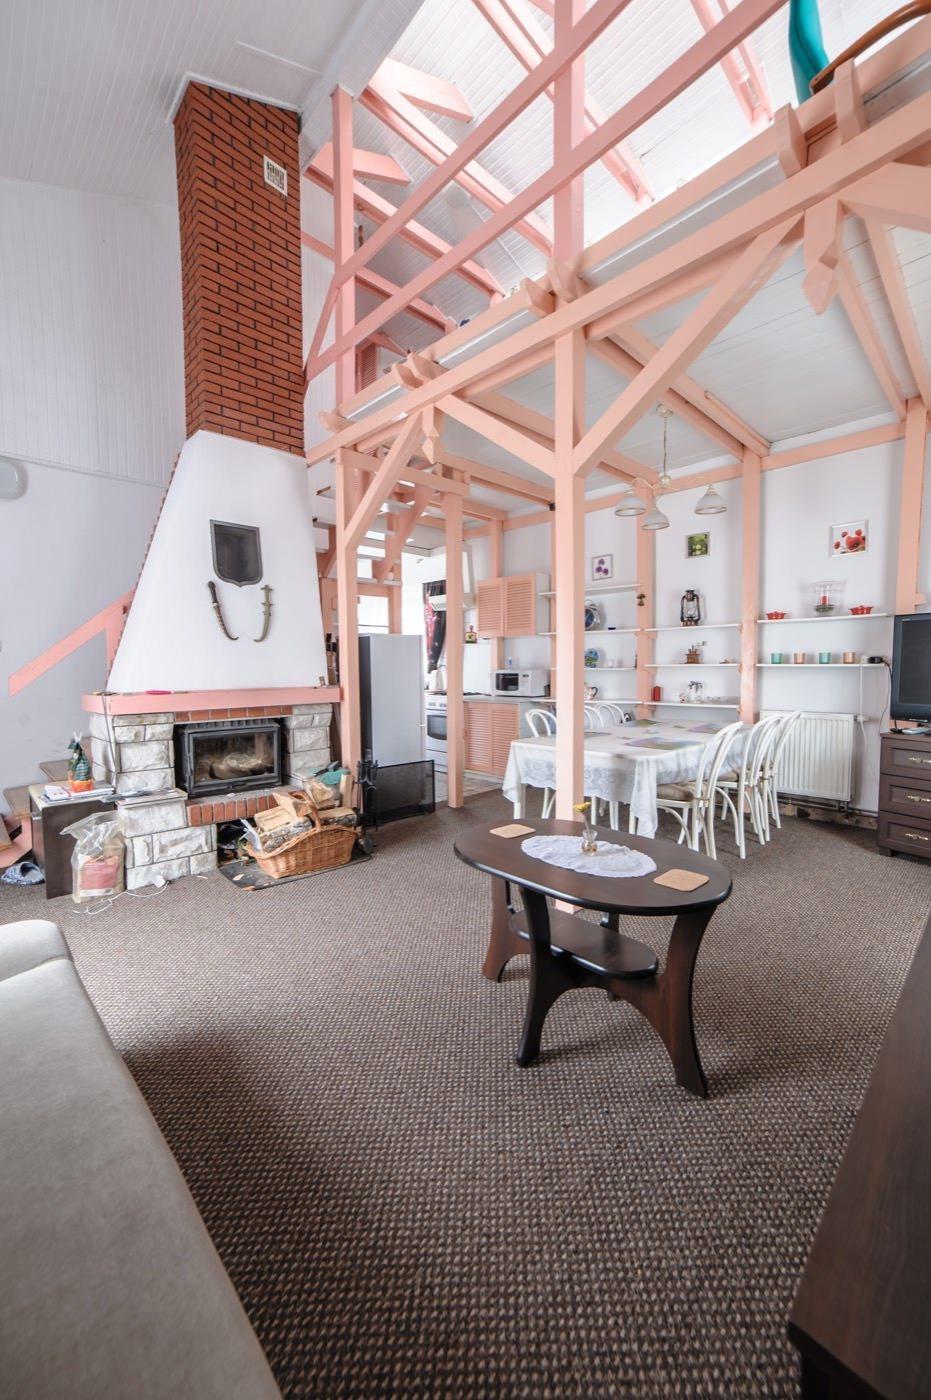 Zdjęcia domu na sprzedaż - salon z antresolą i kominkiem